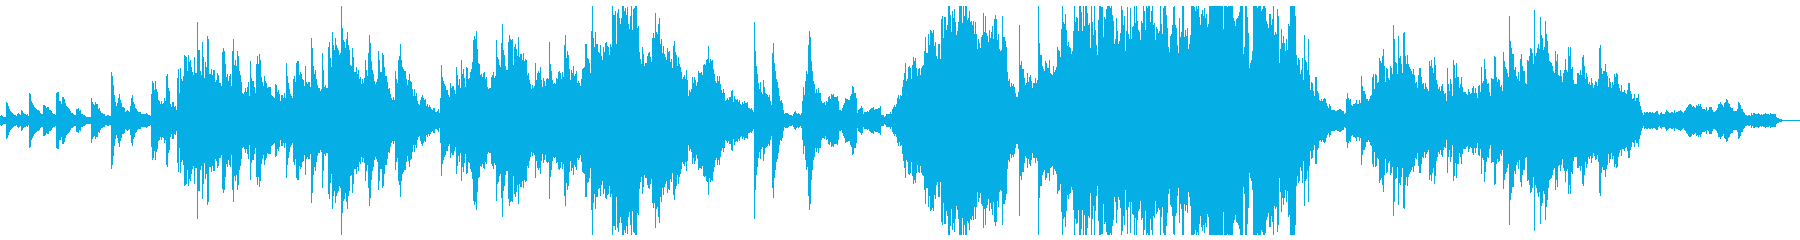 ピアノメインの感動的なシンフォニアの再生済みの波形